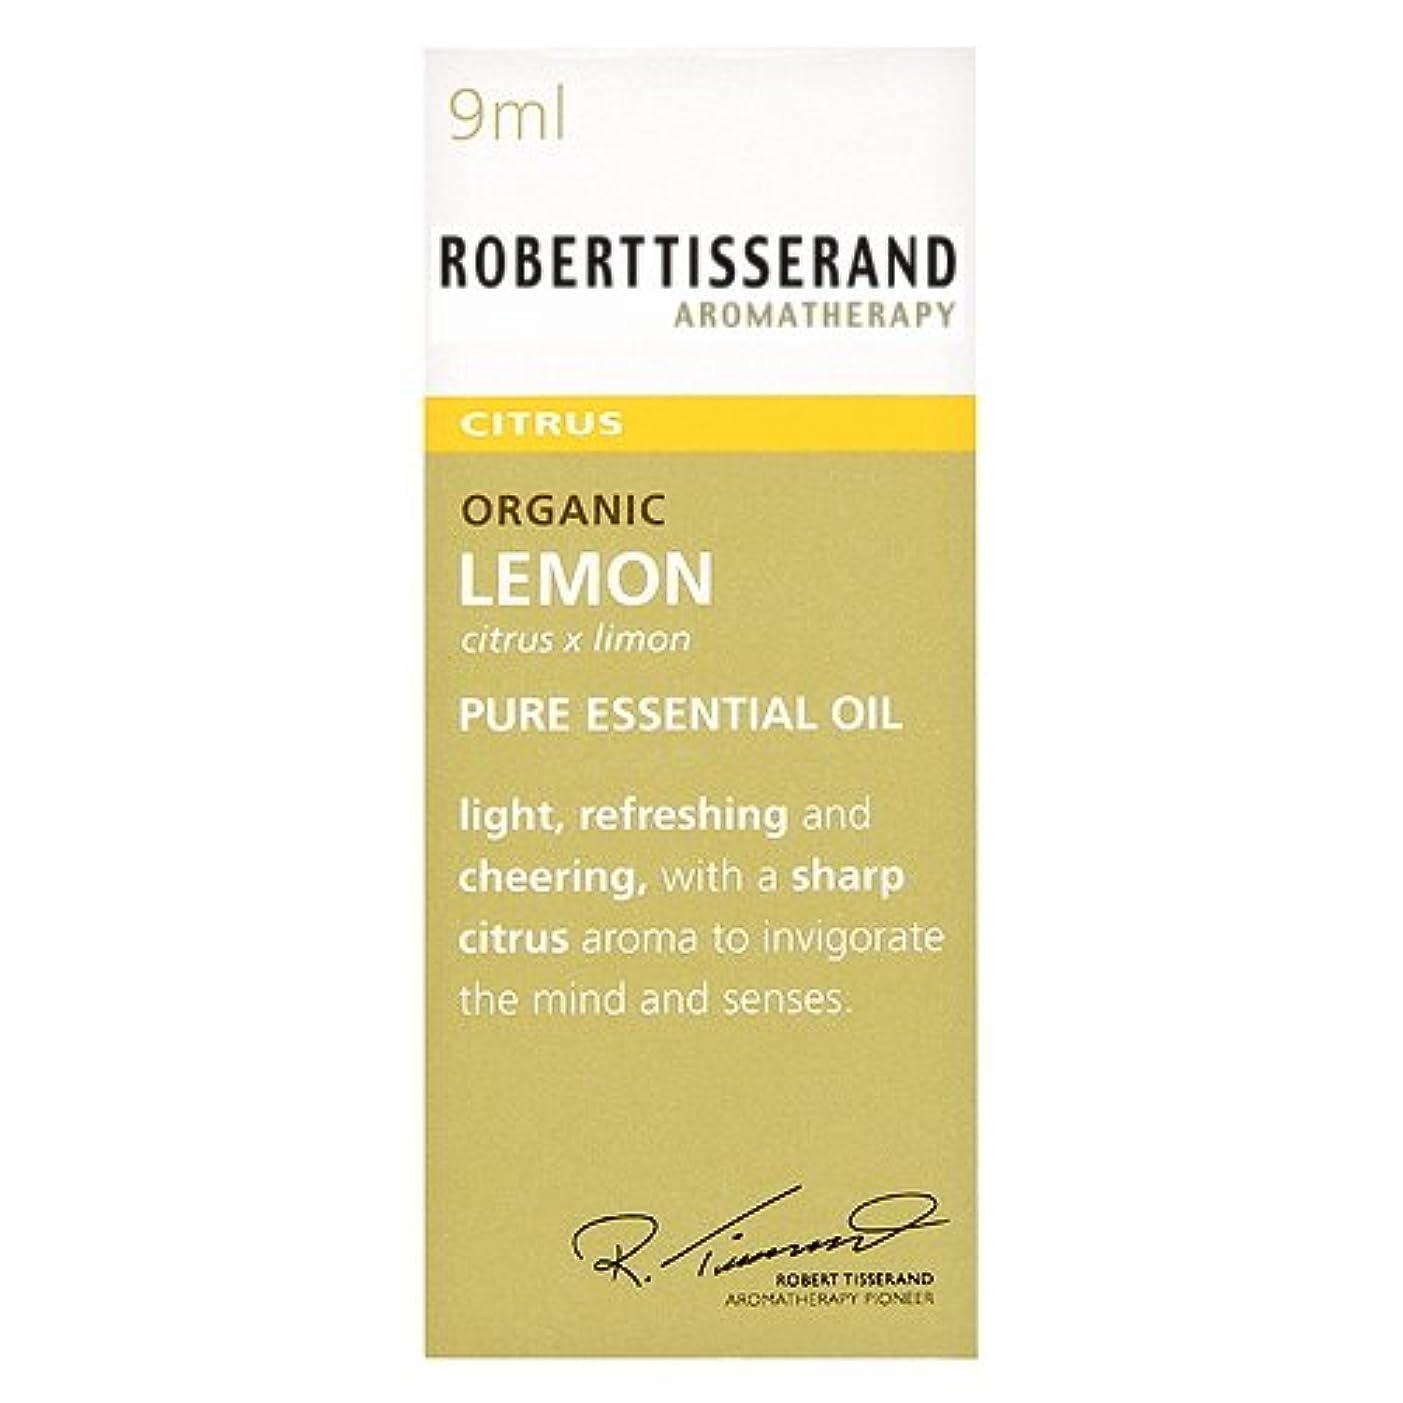 つぶやきシンク逆さまにロバートティスランド 英国土壌協会認証 オーガニック レモン 9ml